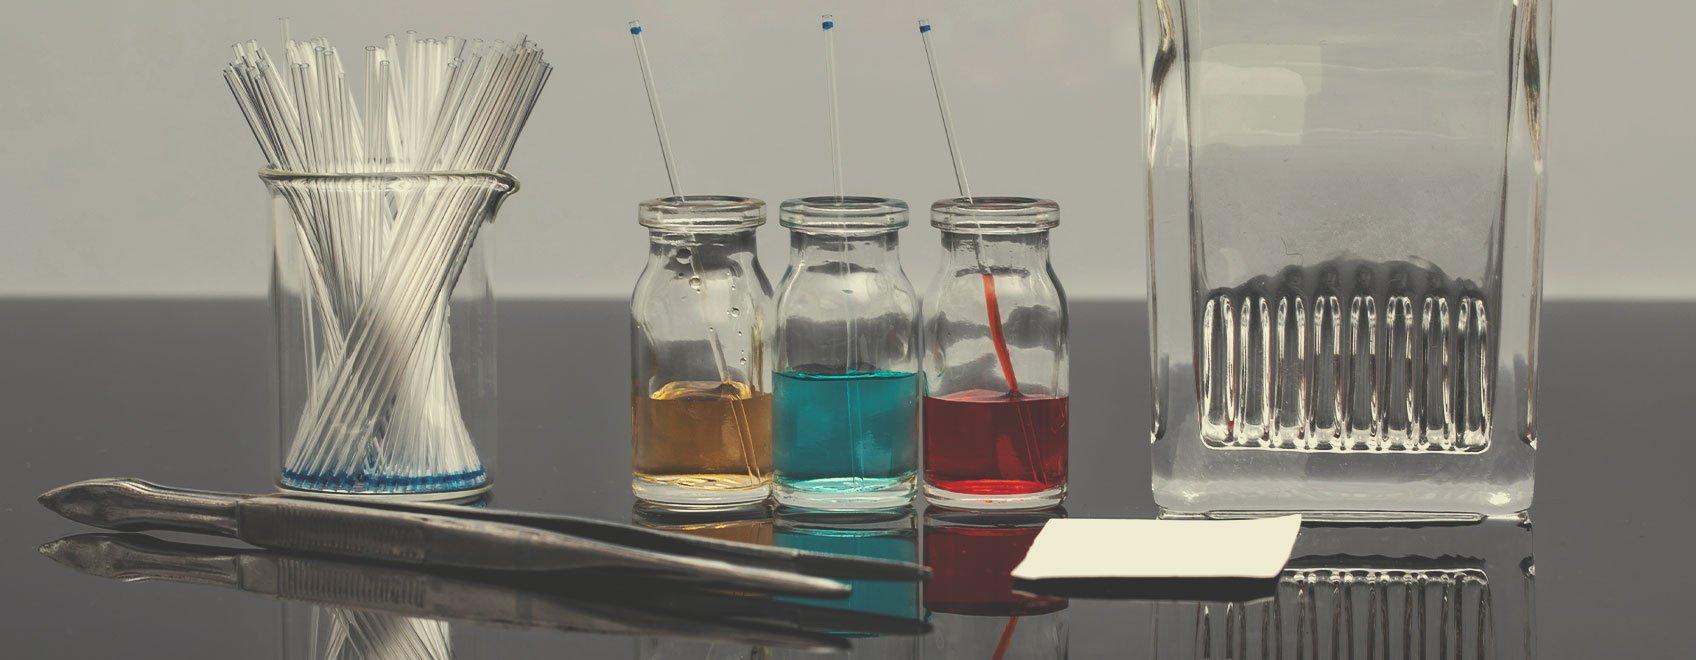 Kits de tests par chromatographie sur couche mince (CCM)